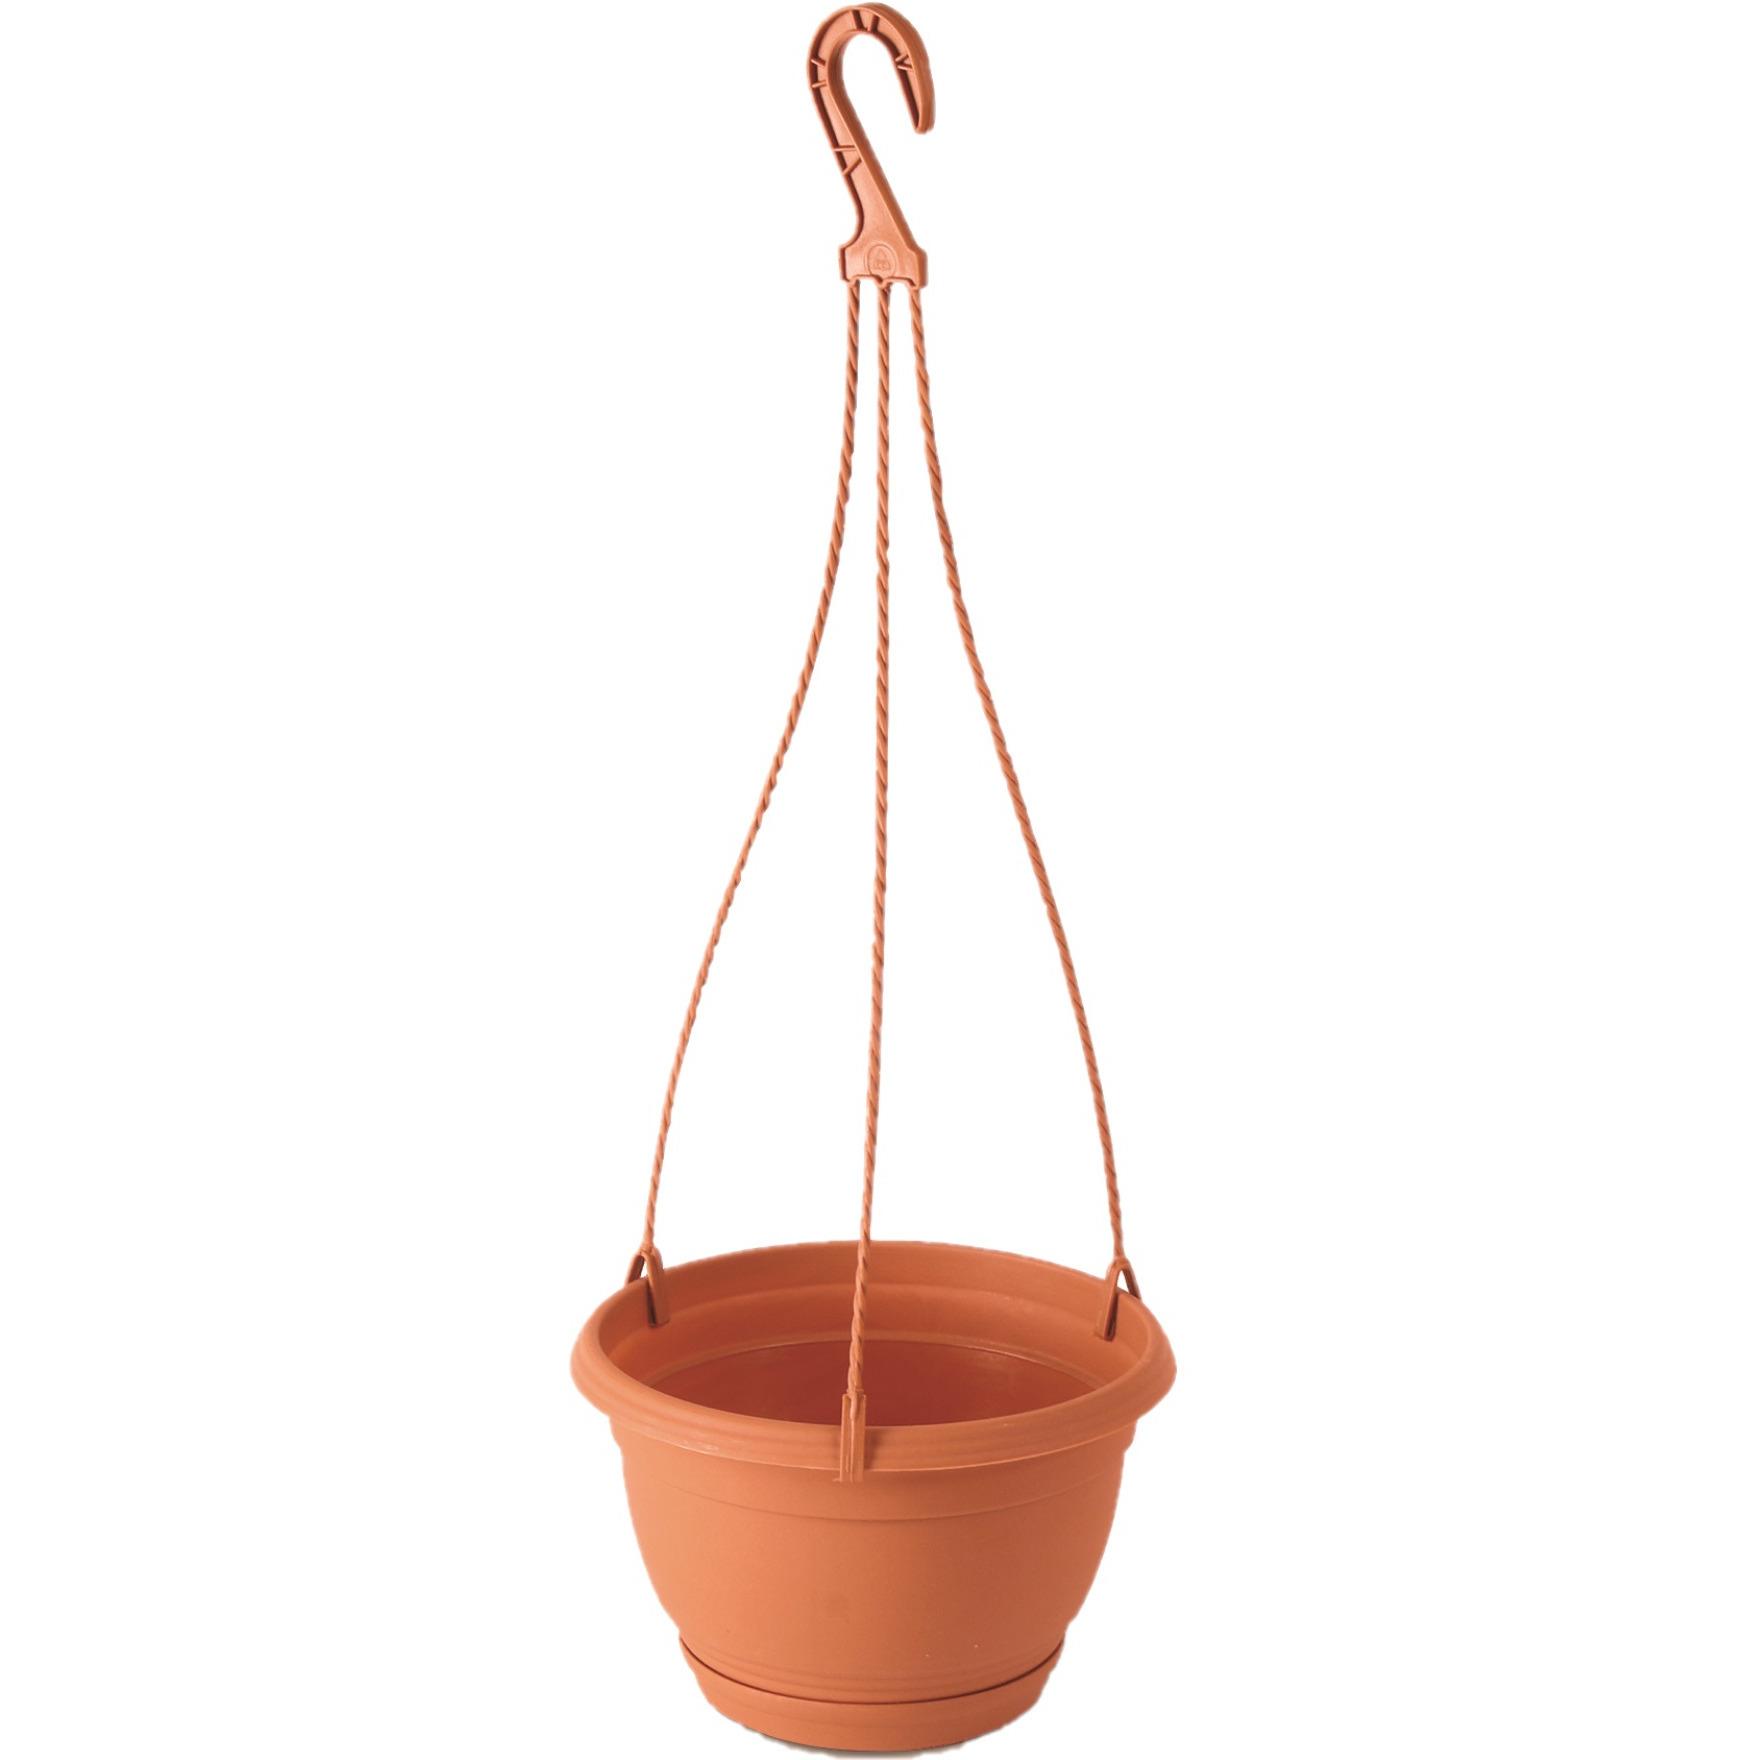 1x Stuks hangende kunststof Agro terracotta bloempot-plantenpot met schotel 3 liter